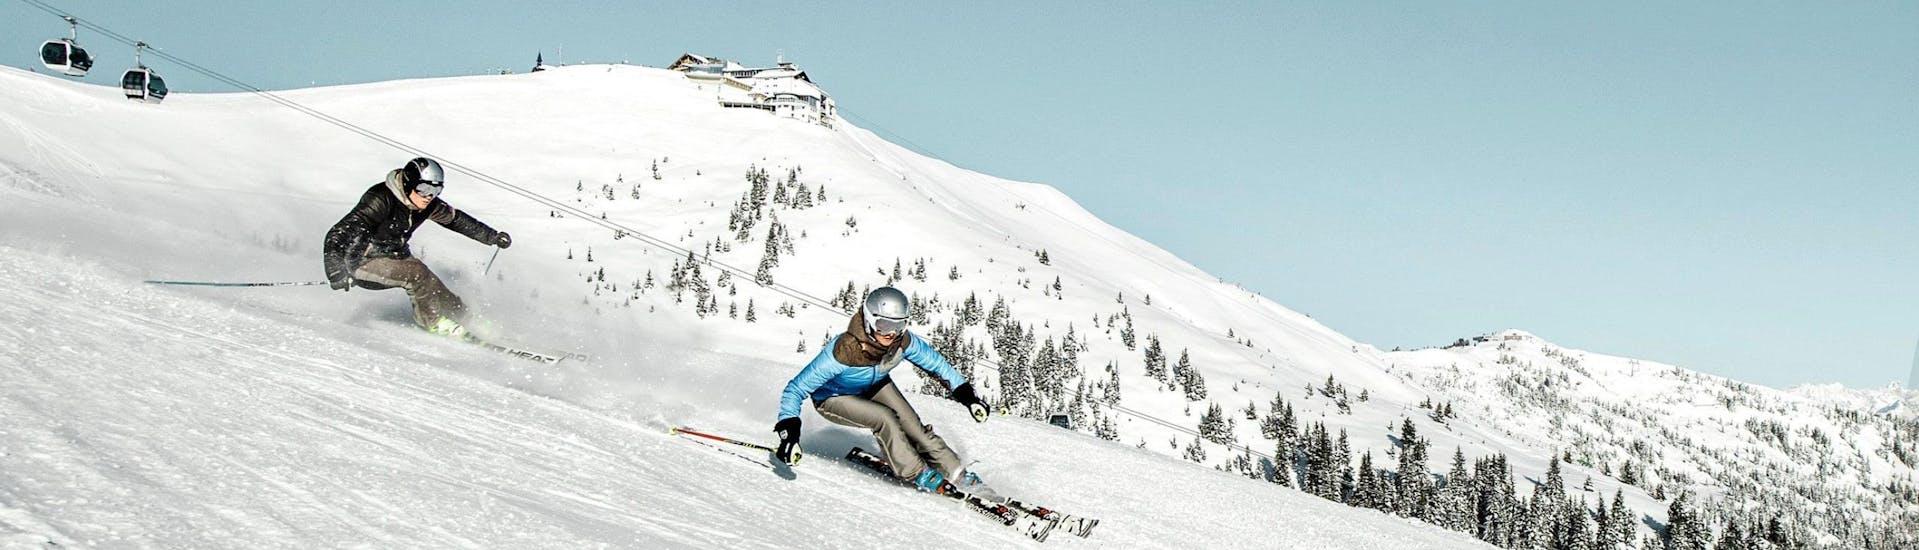 Tijdens een skiles met een skischool in Zell am See heb je een prachtig uitzicht op zonnige bergen.